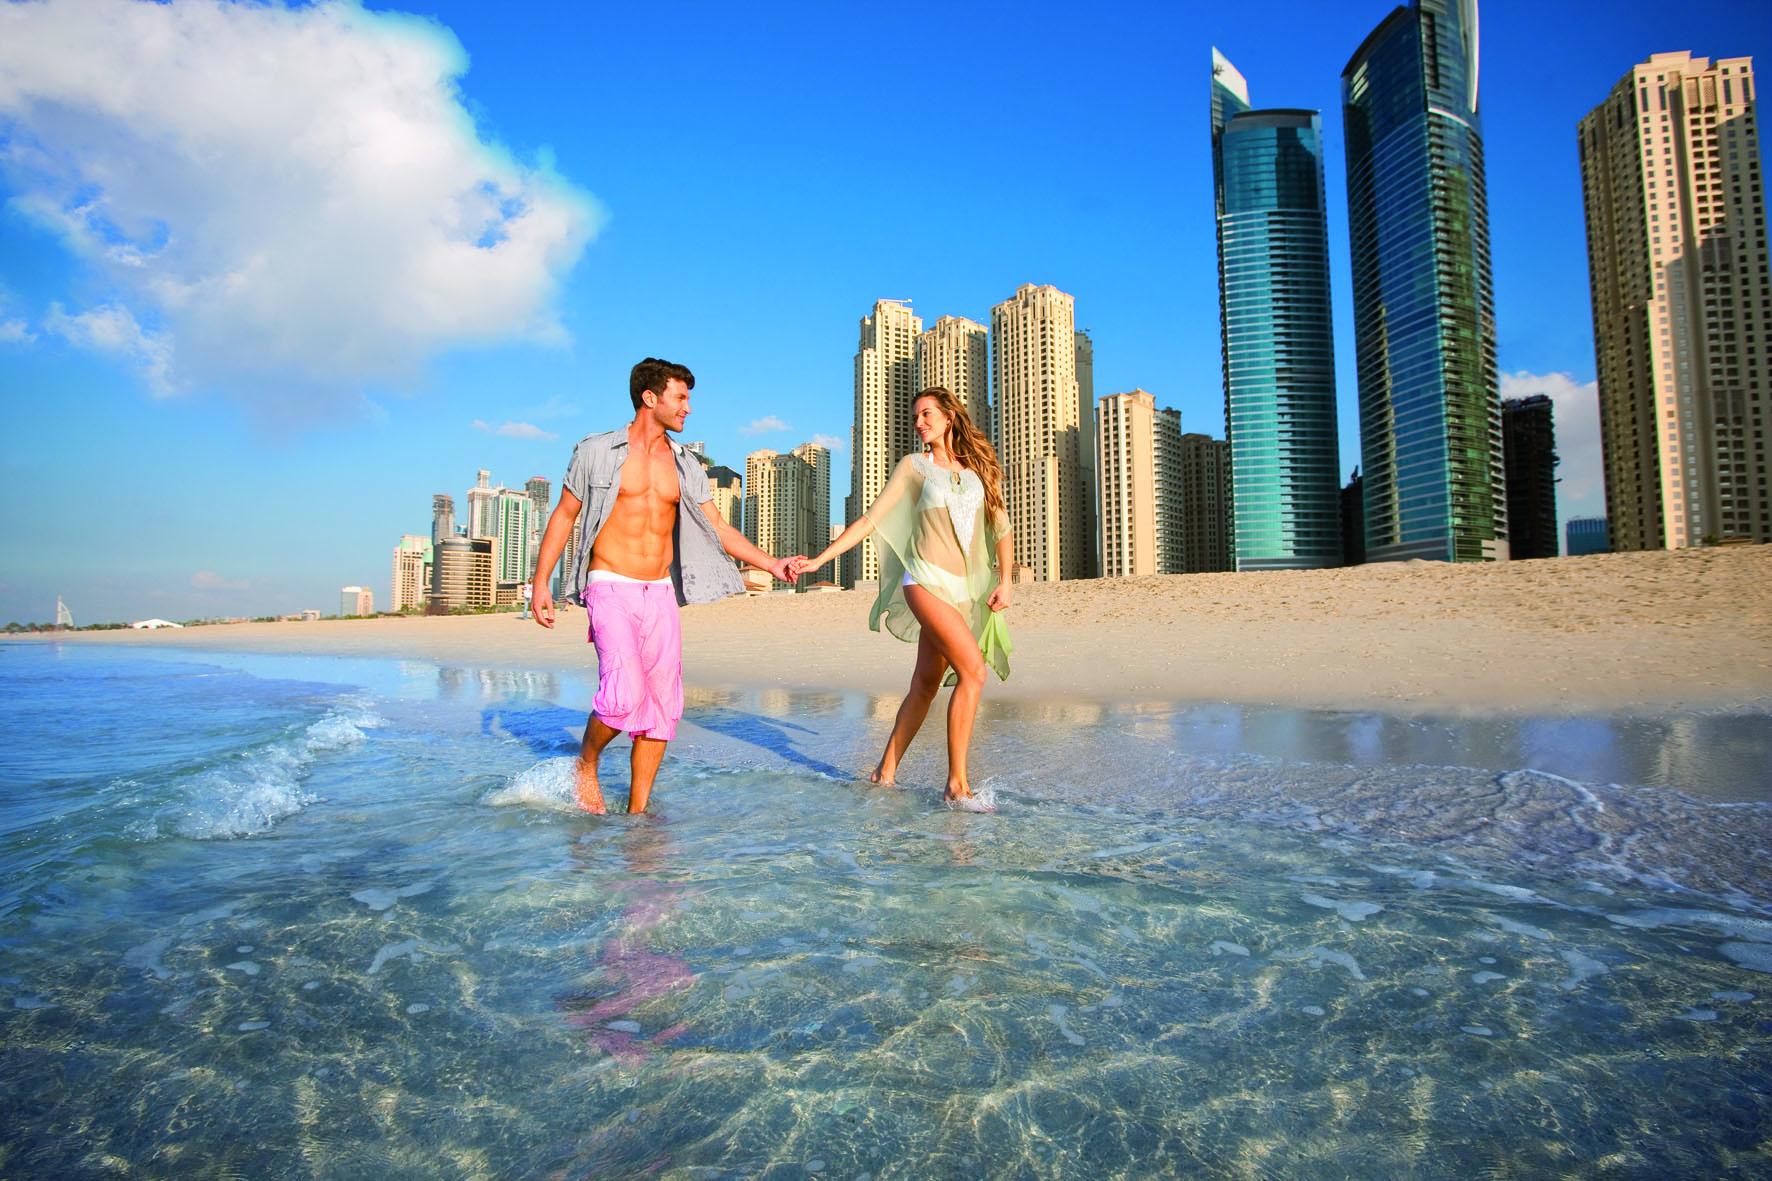 Sexualpassagen in Dubai